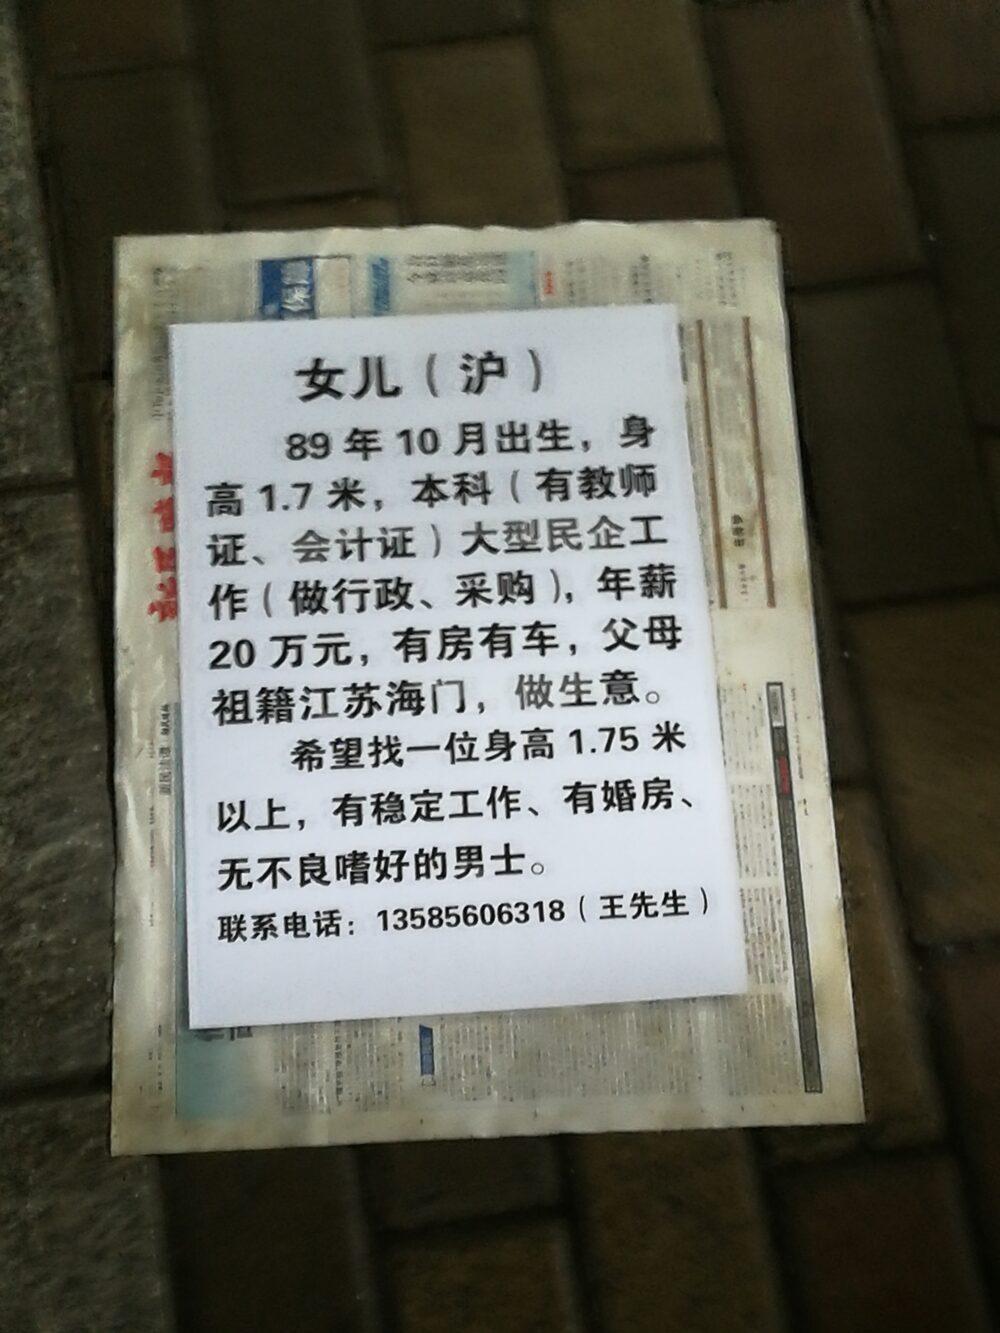 人民広場で見つけた求婚票の写真